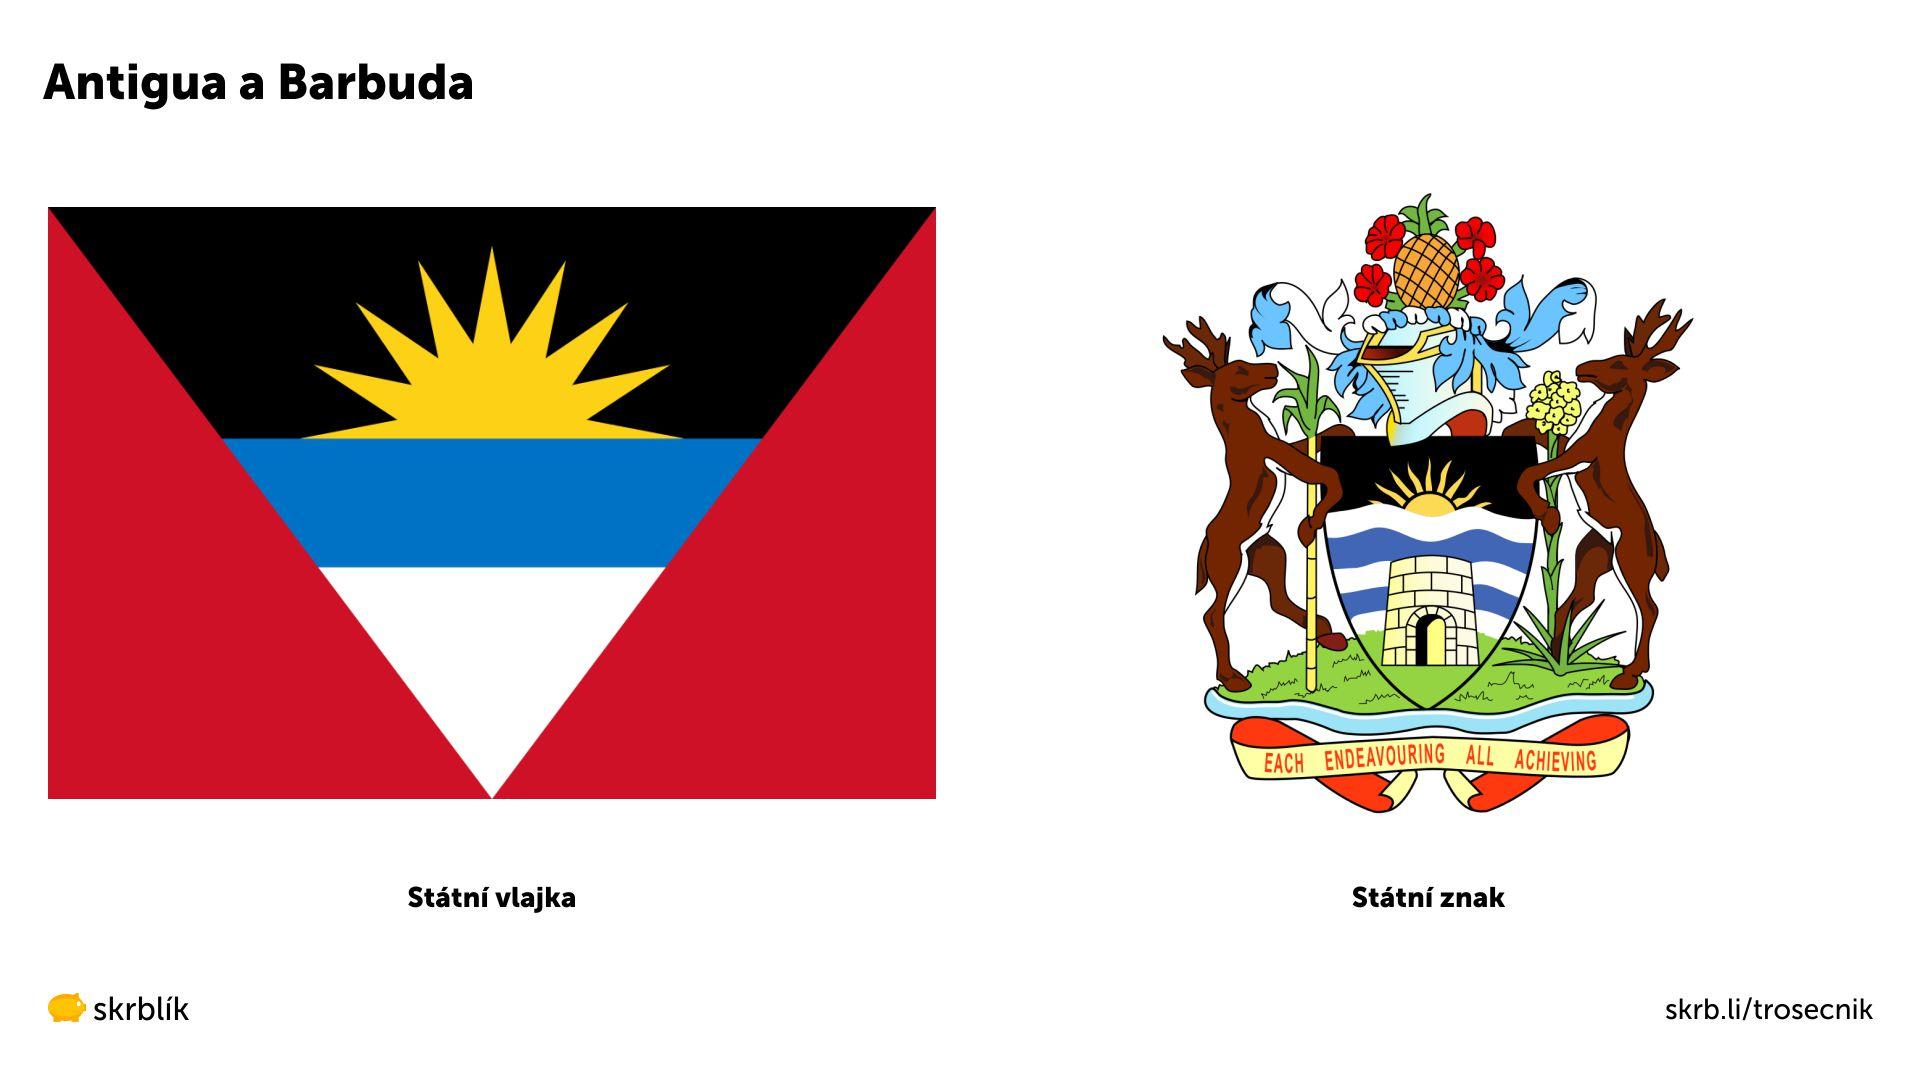 Antigua aBarbuda